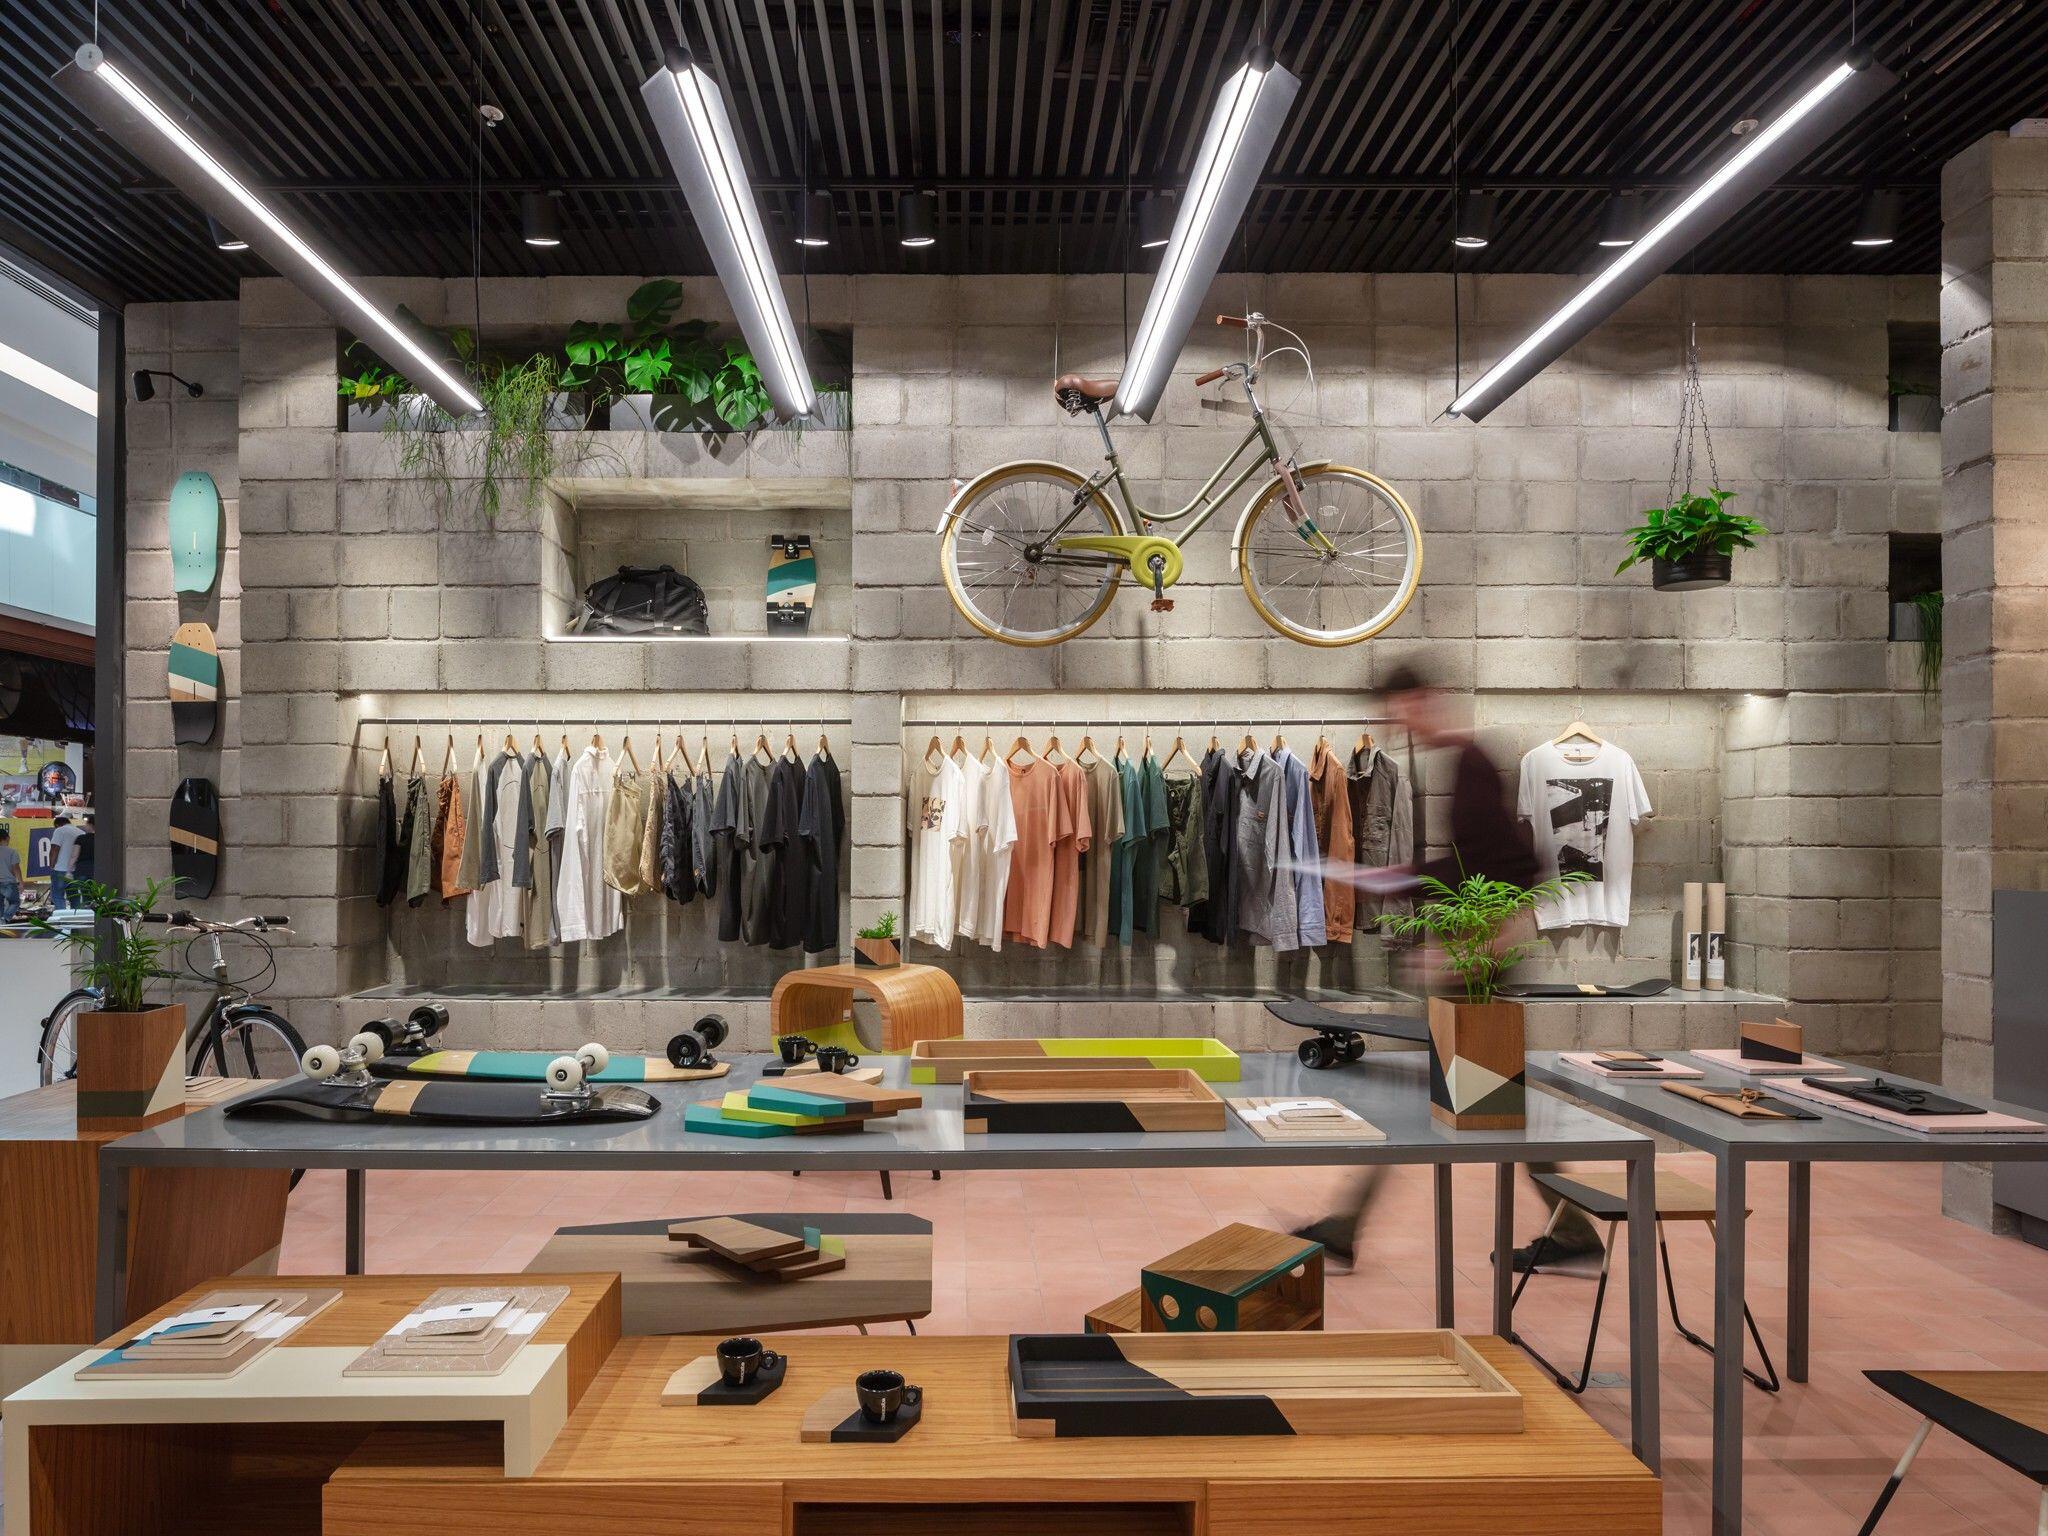 Itsu store